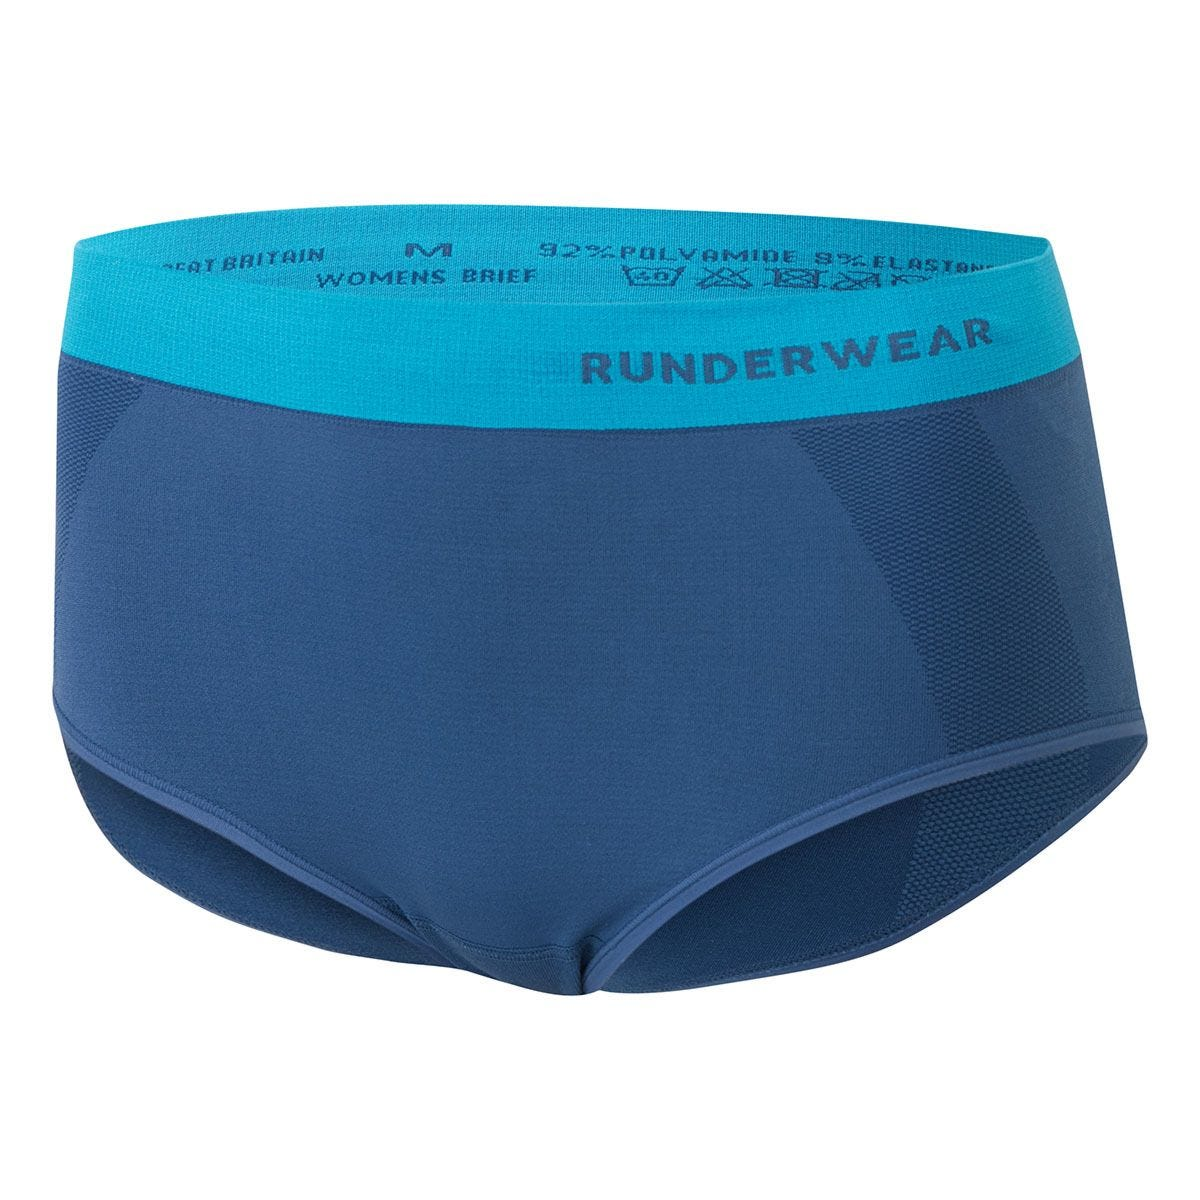 Runderwear Women's Running Briefs Medium - Blue